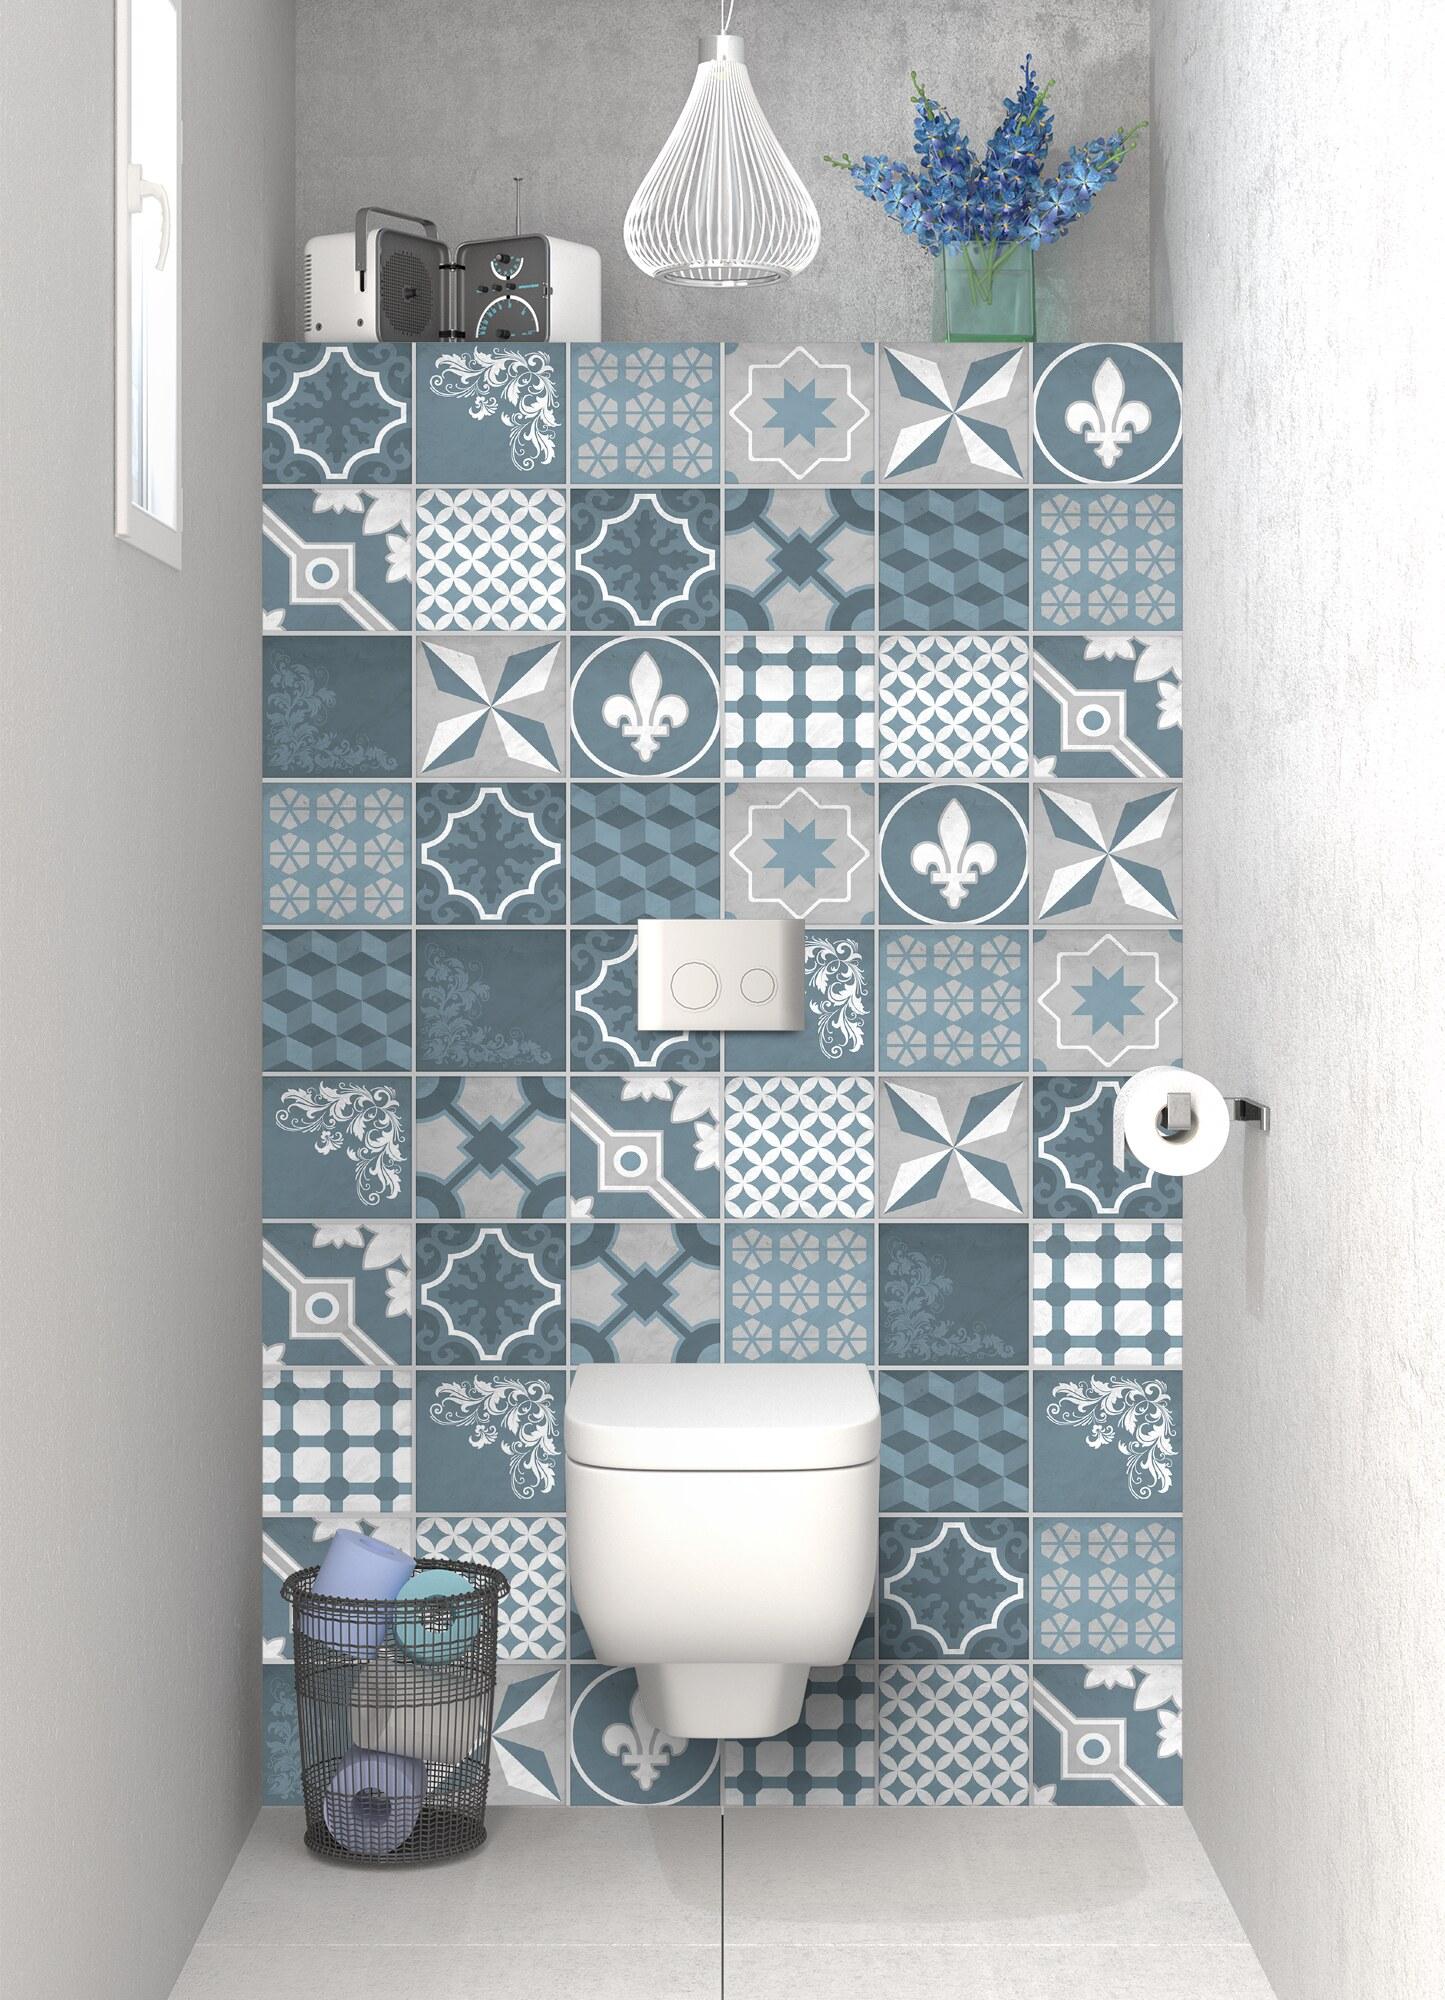 Carreau De Ciment Toilette panneau de wc sur mesurecarreaux de ciment trendy chic bleu